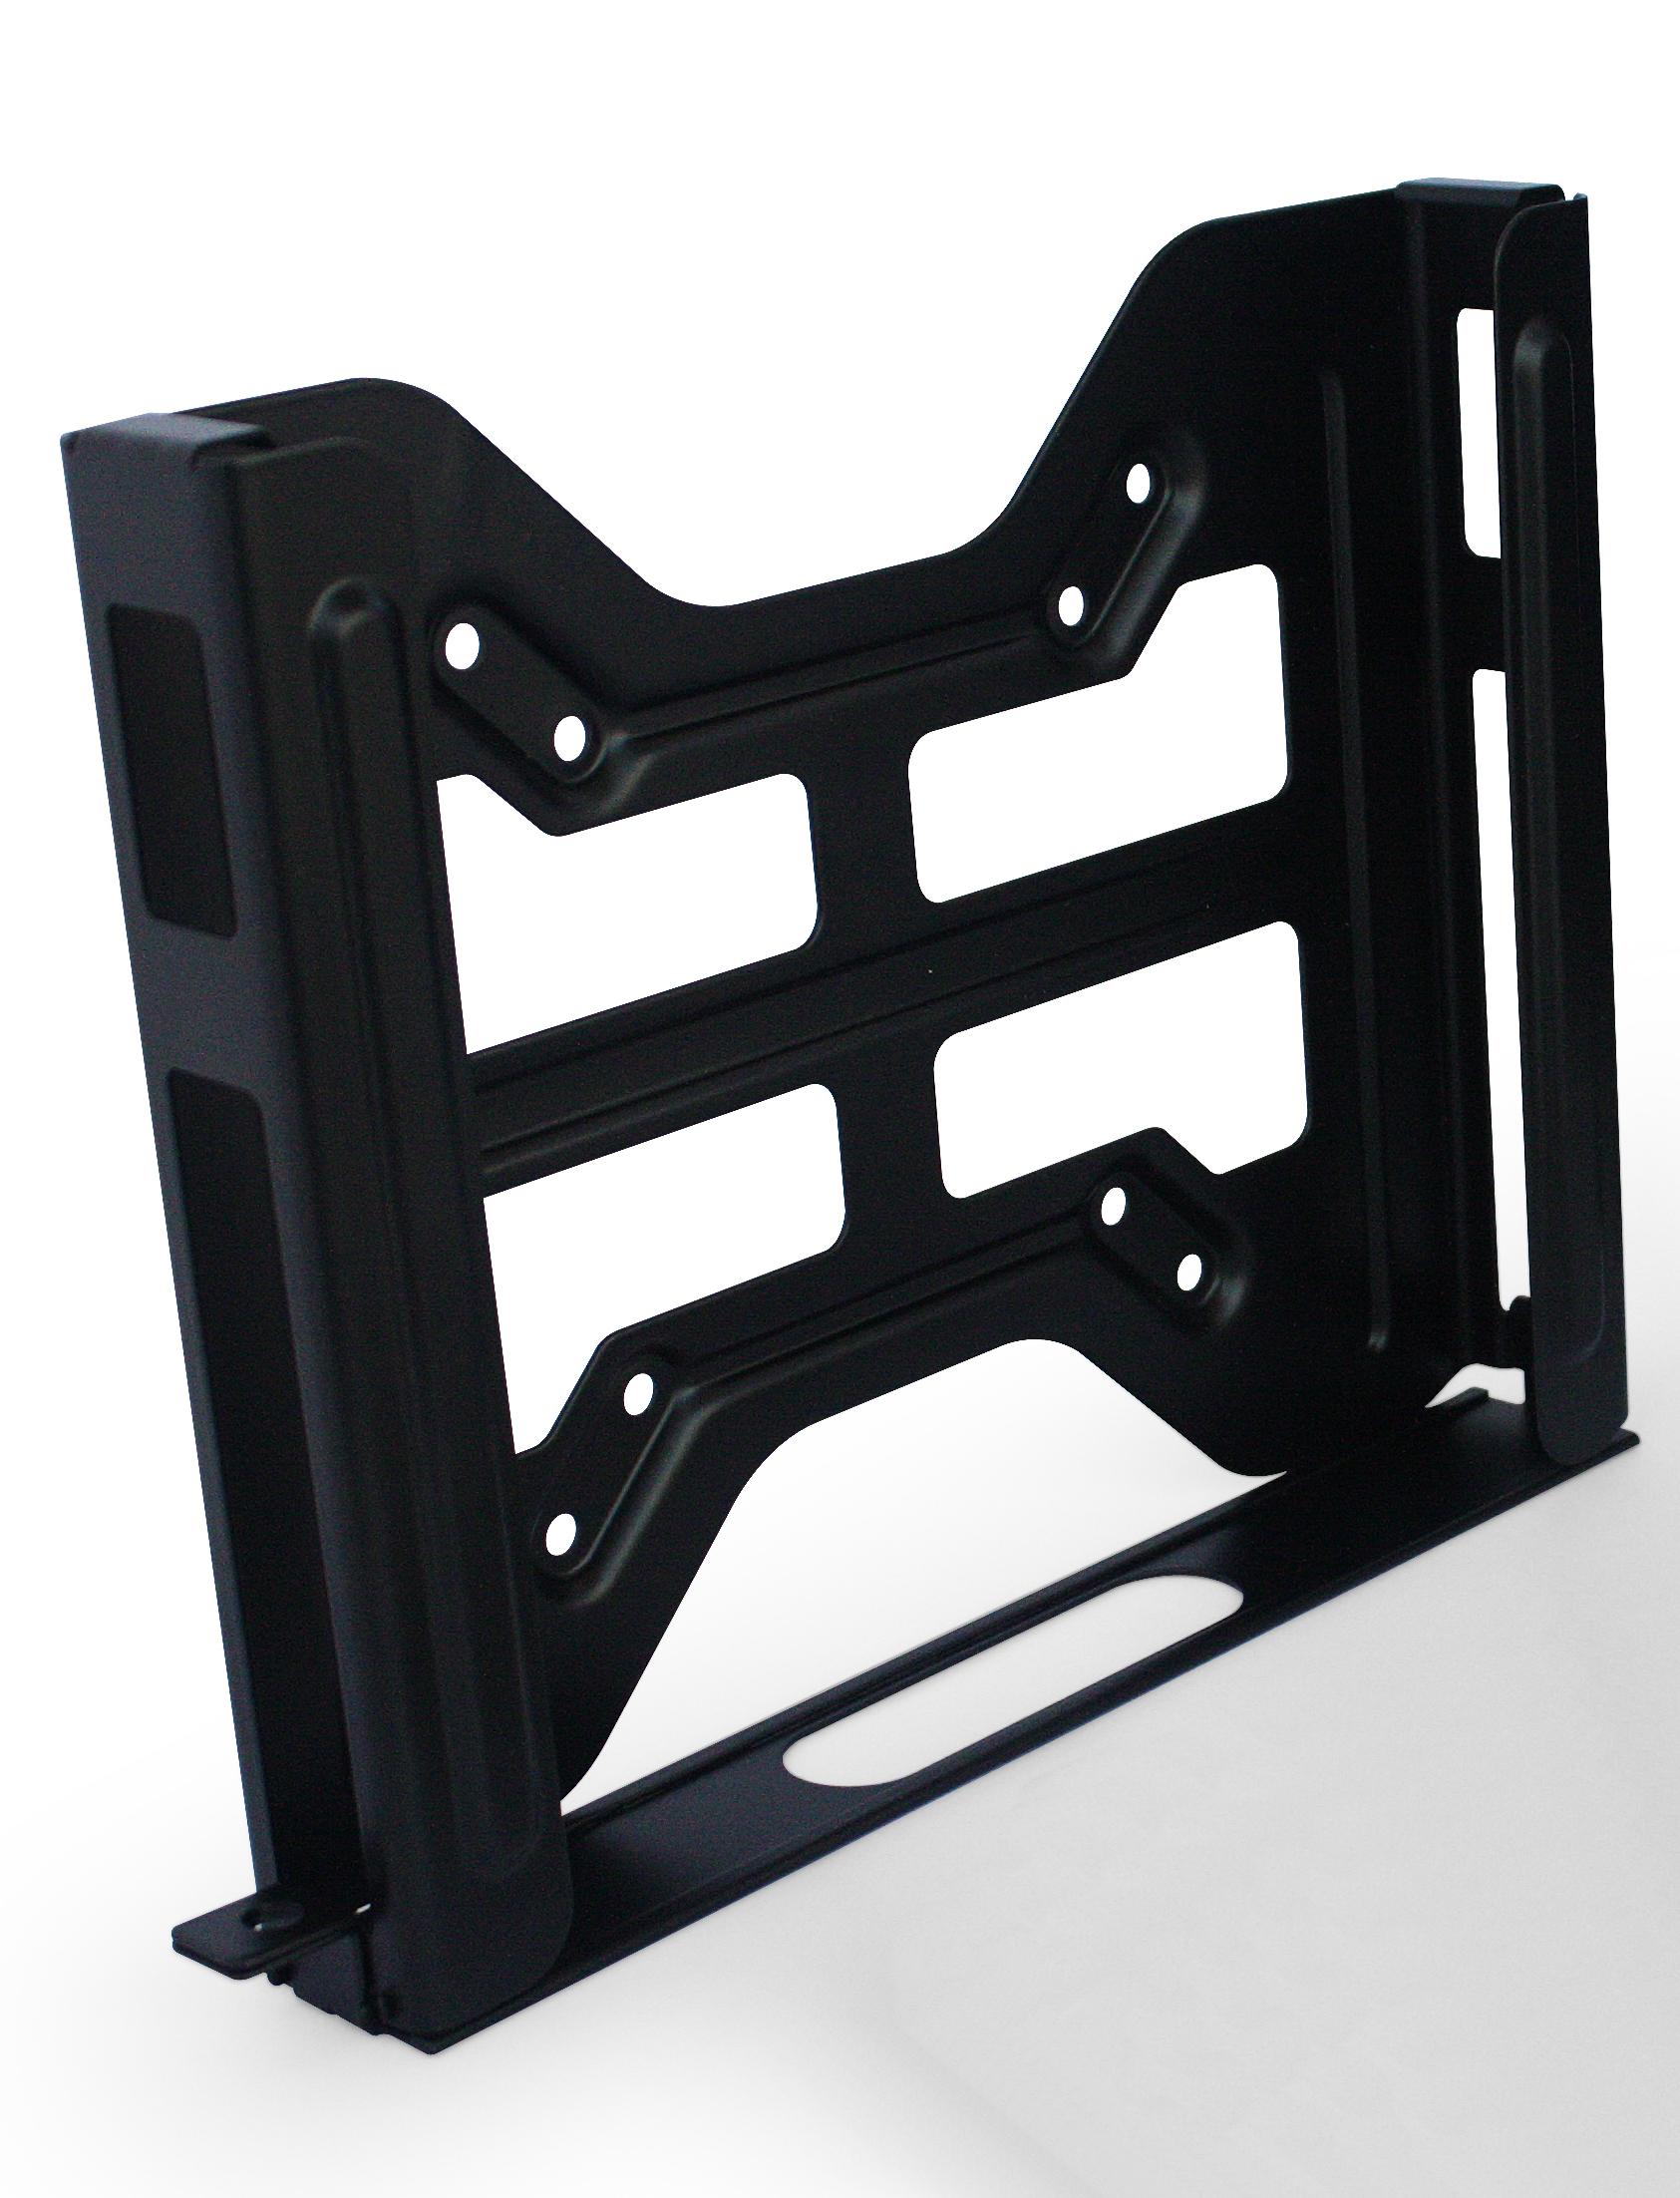 Giada VESA mount JZ183, VESA 75/100 voor montage op TV/Scherm, i53(b), i57, i56 ed